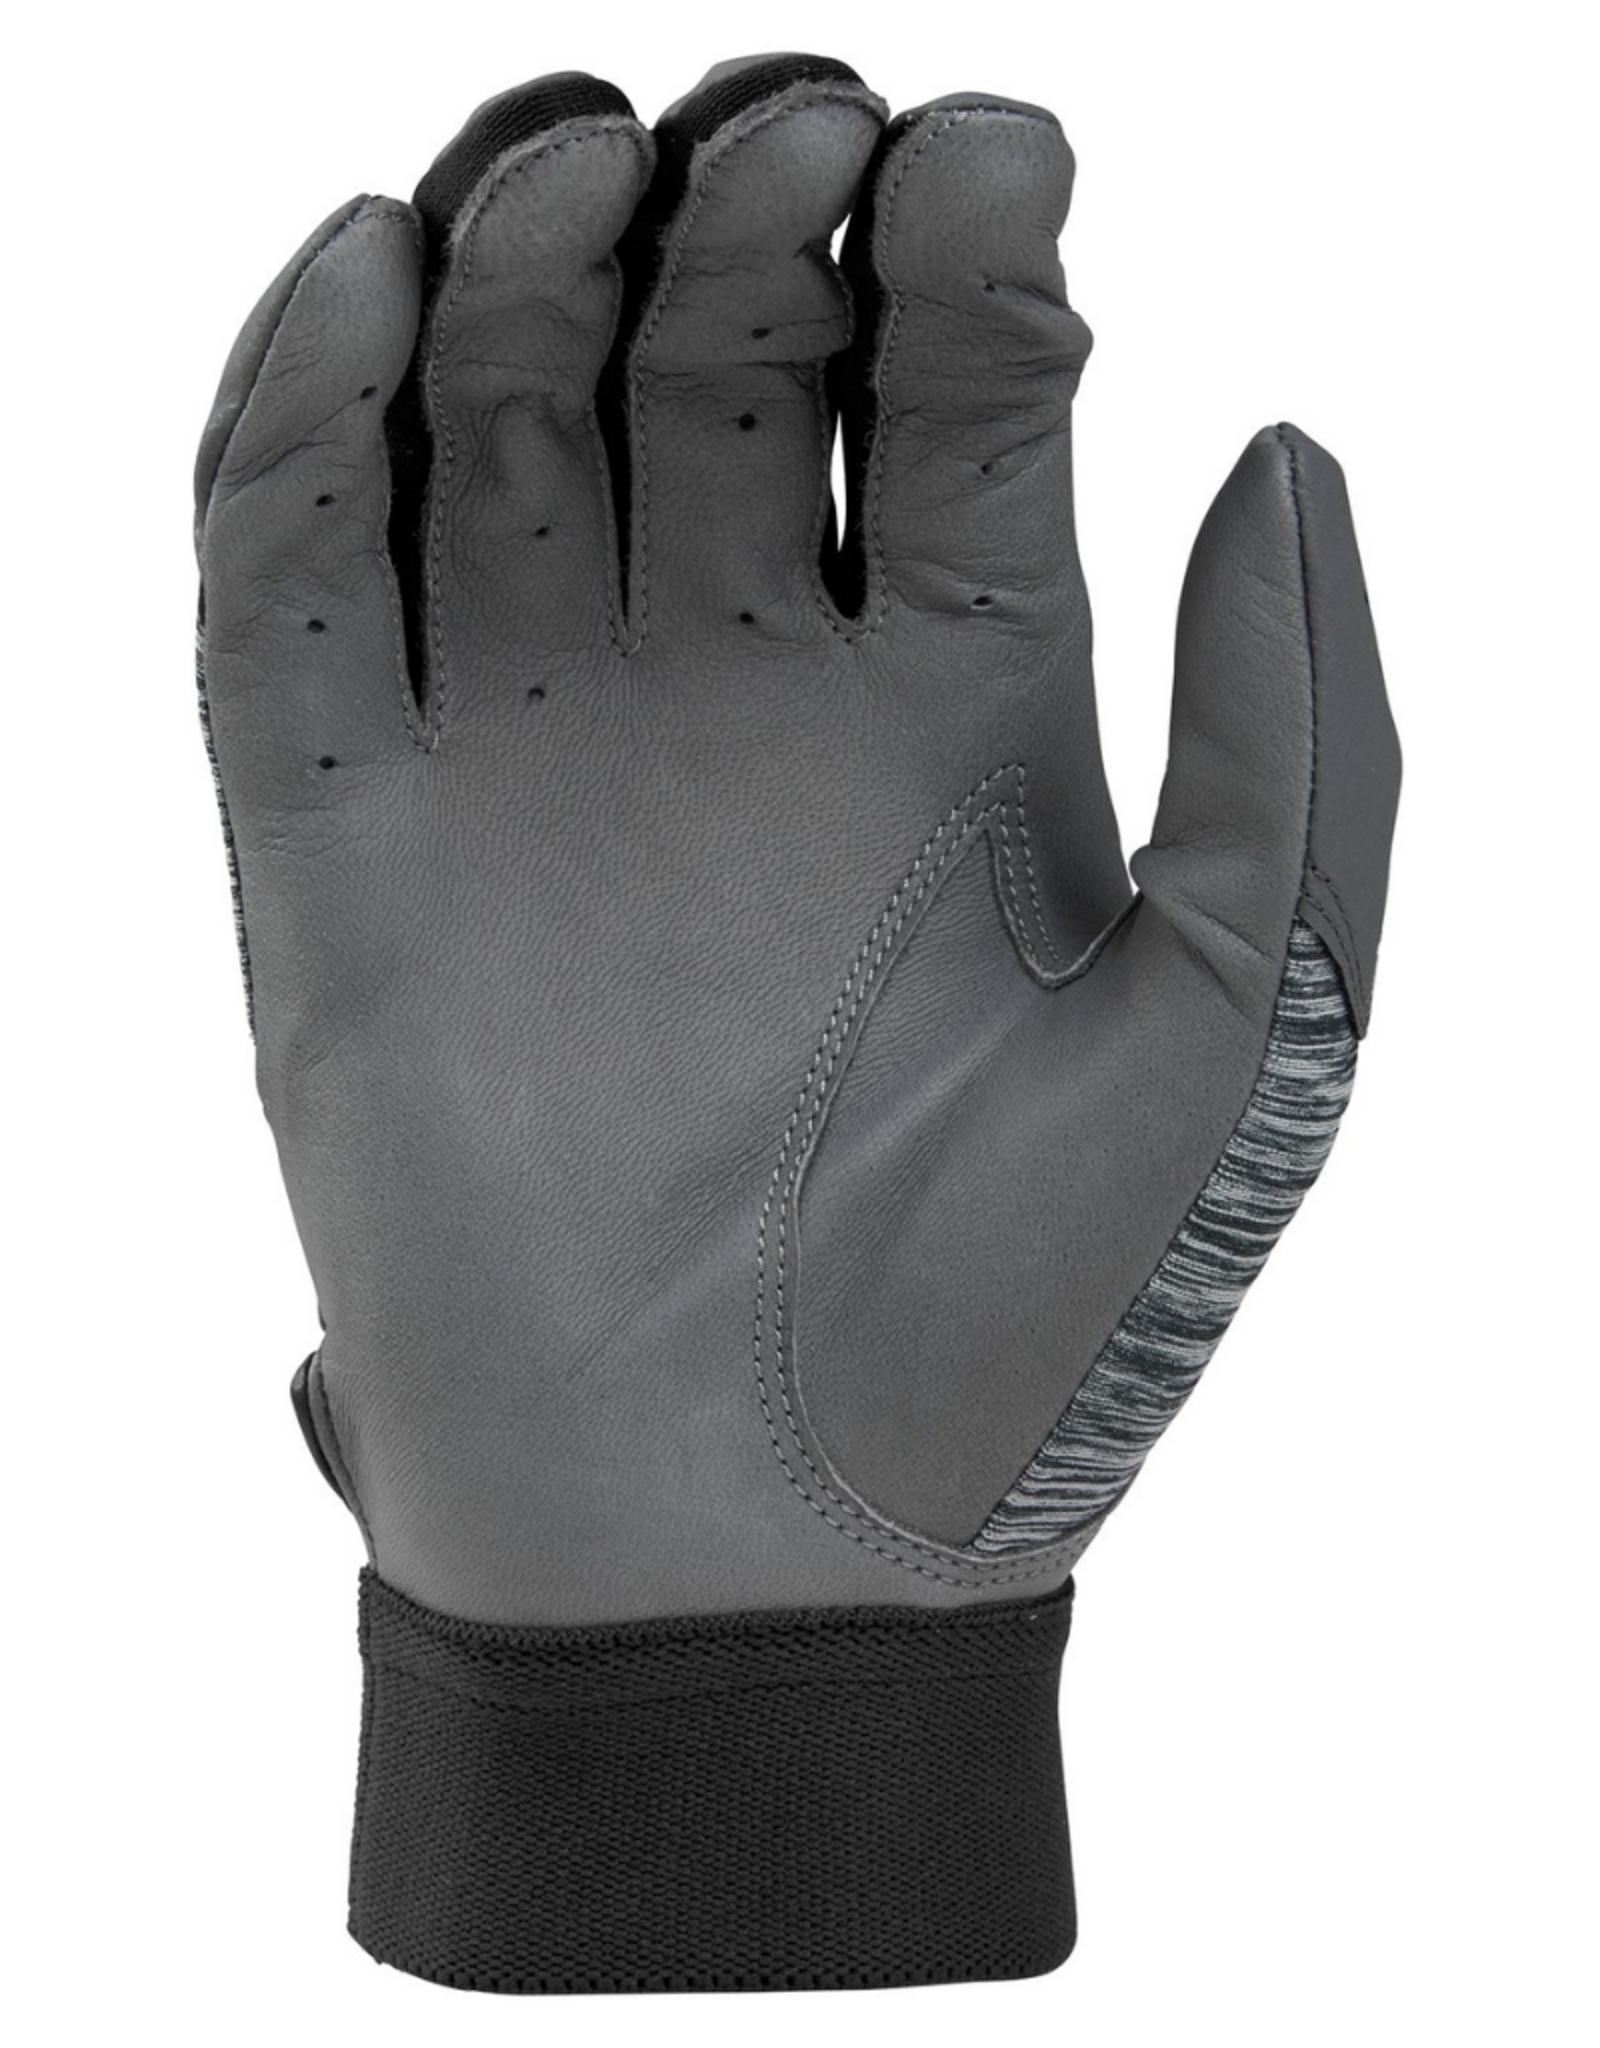 Rawlings Youth 5150 Batting Gloves Grey/Black